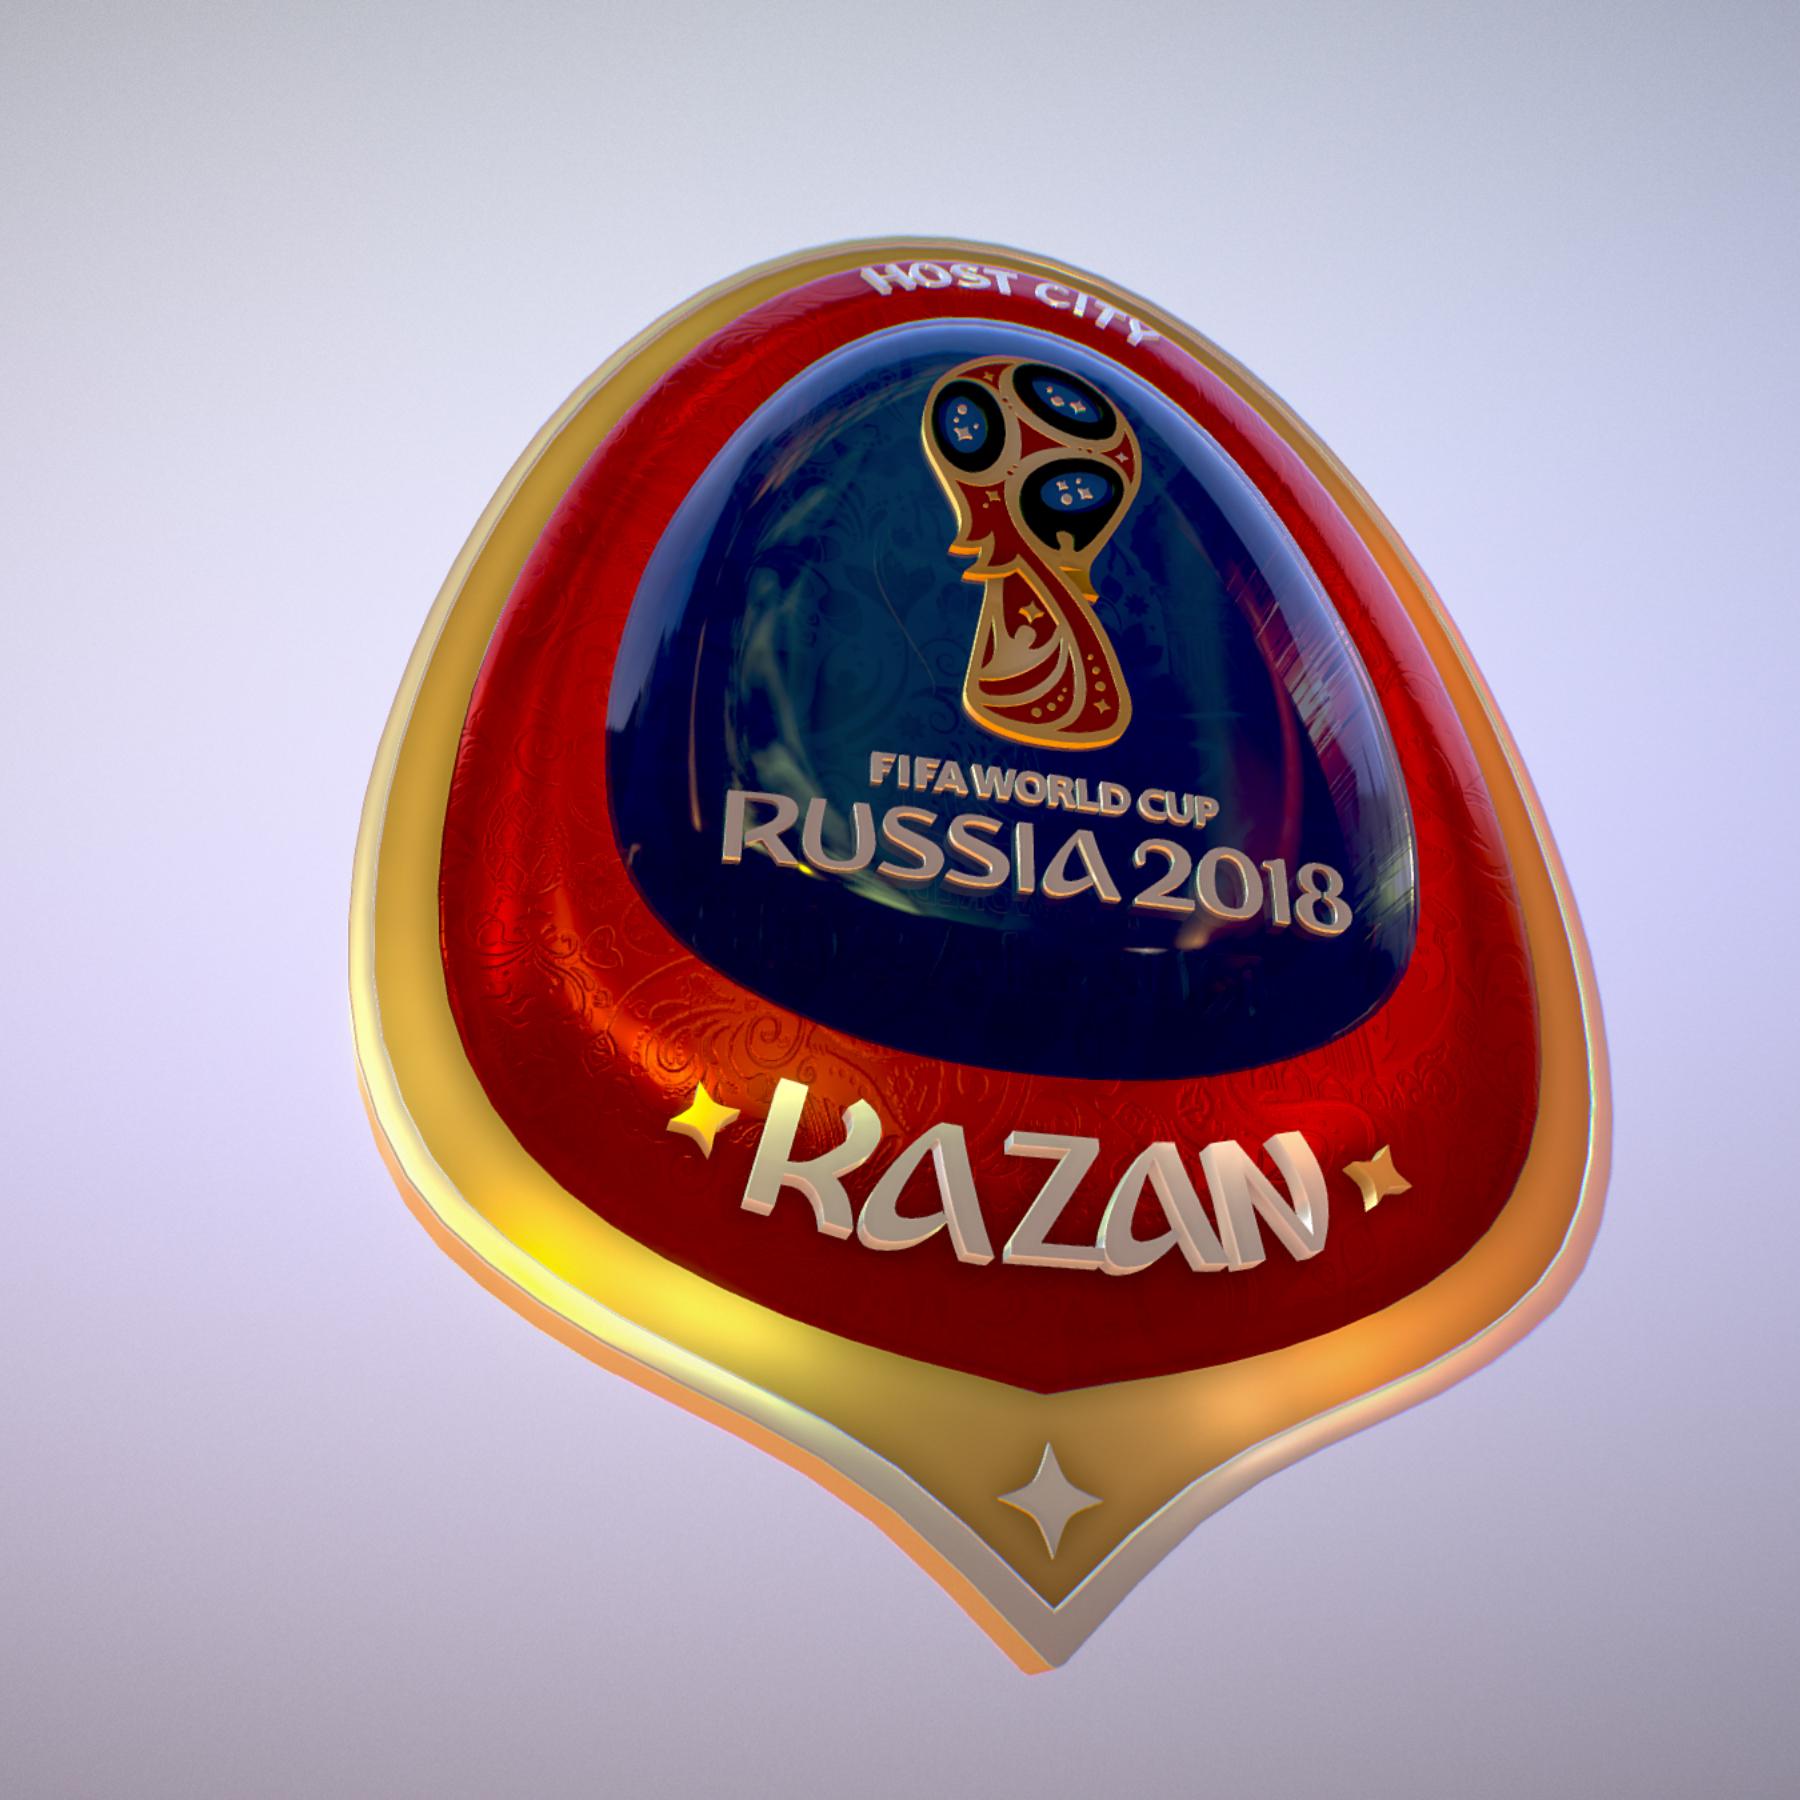 kazan host city world cup russia 2018 symbol 3d model max  fbx jpeg jpg ma mb obj 271696